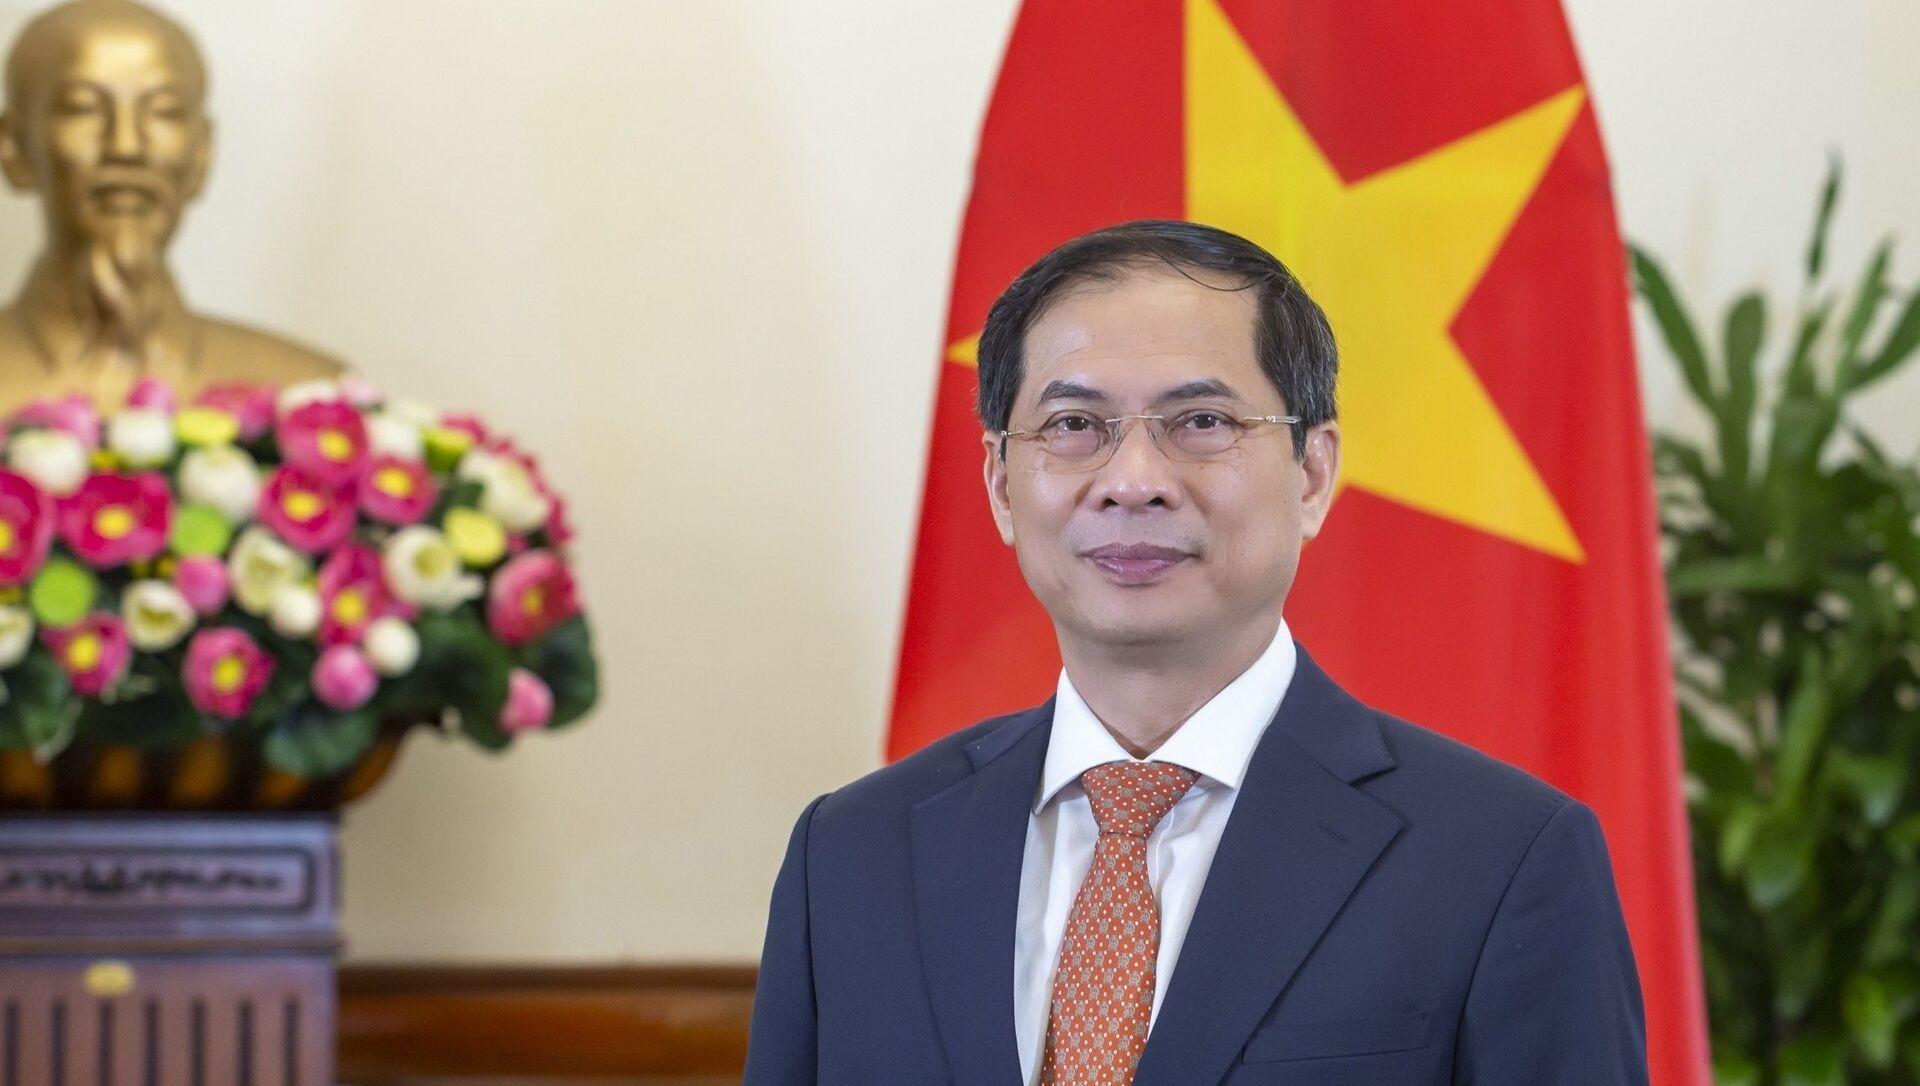 Ủy viên Trung ương Đảng, Bộ trưởng Ngoại giao Bùi Thanh Sơn. - Sputnik Việt Nam, 1920, 25.09.2021